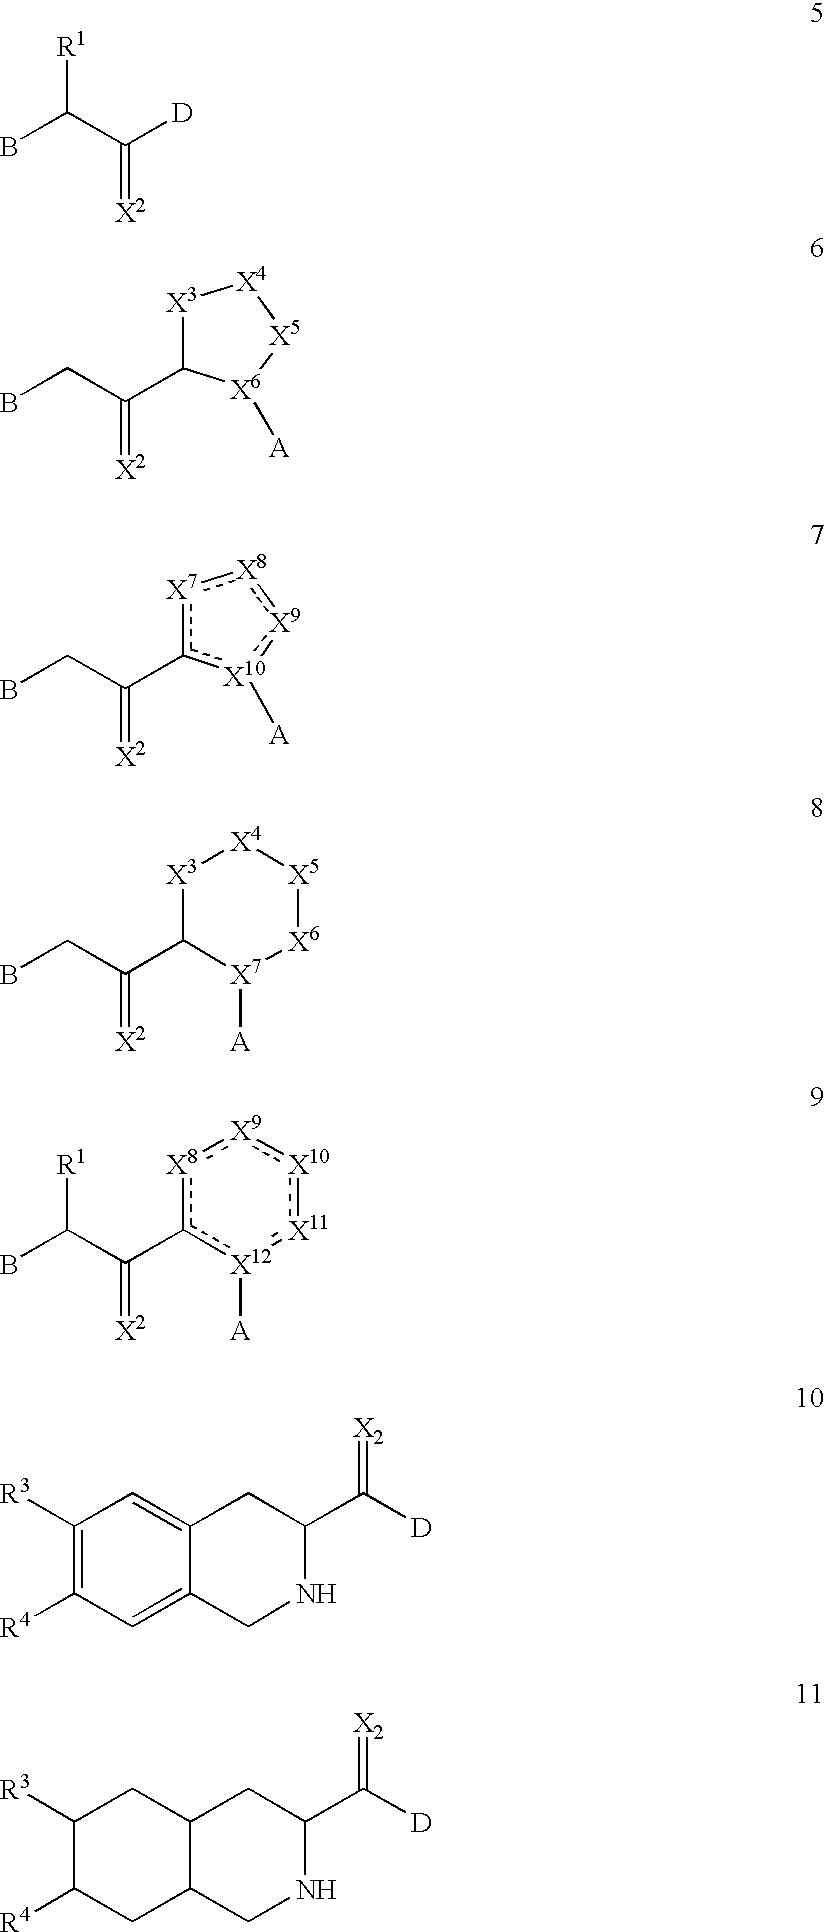 Figure US20030130199A1-20030710-C00019